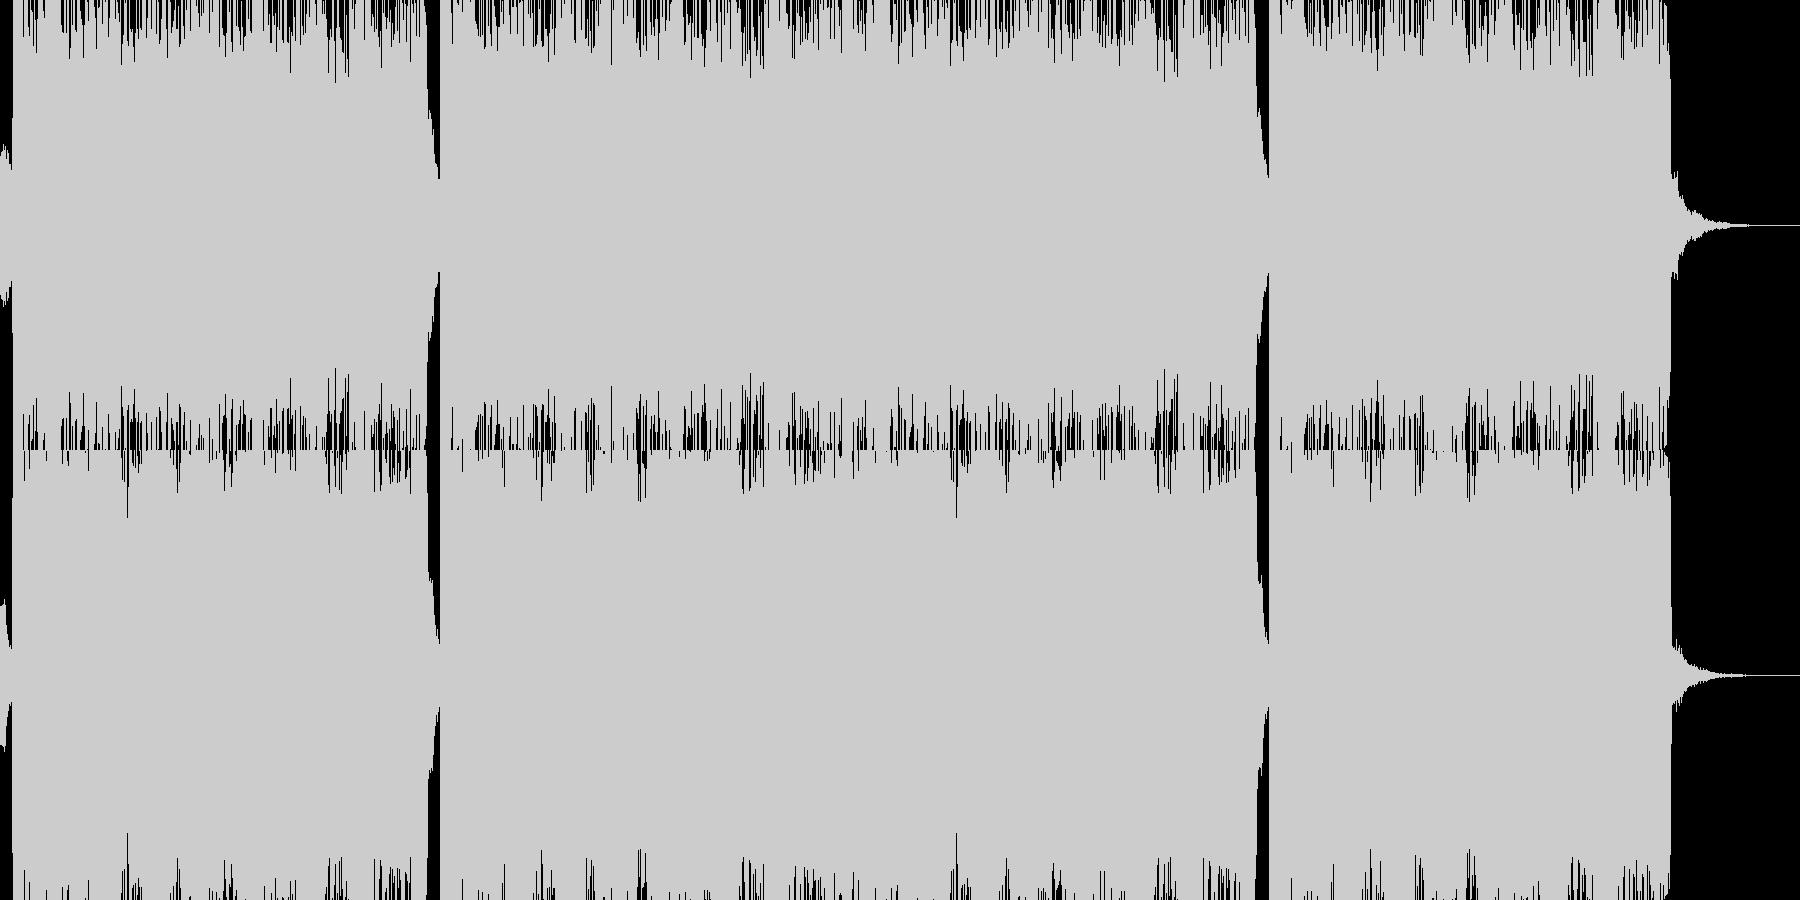 ギター ロック 感動的の未再生の波形